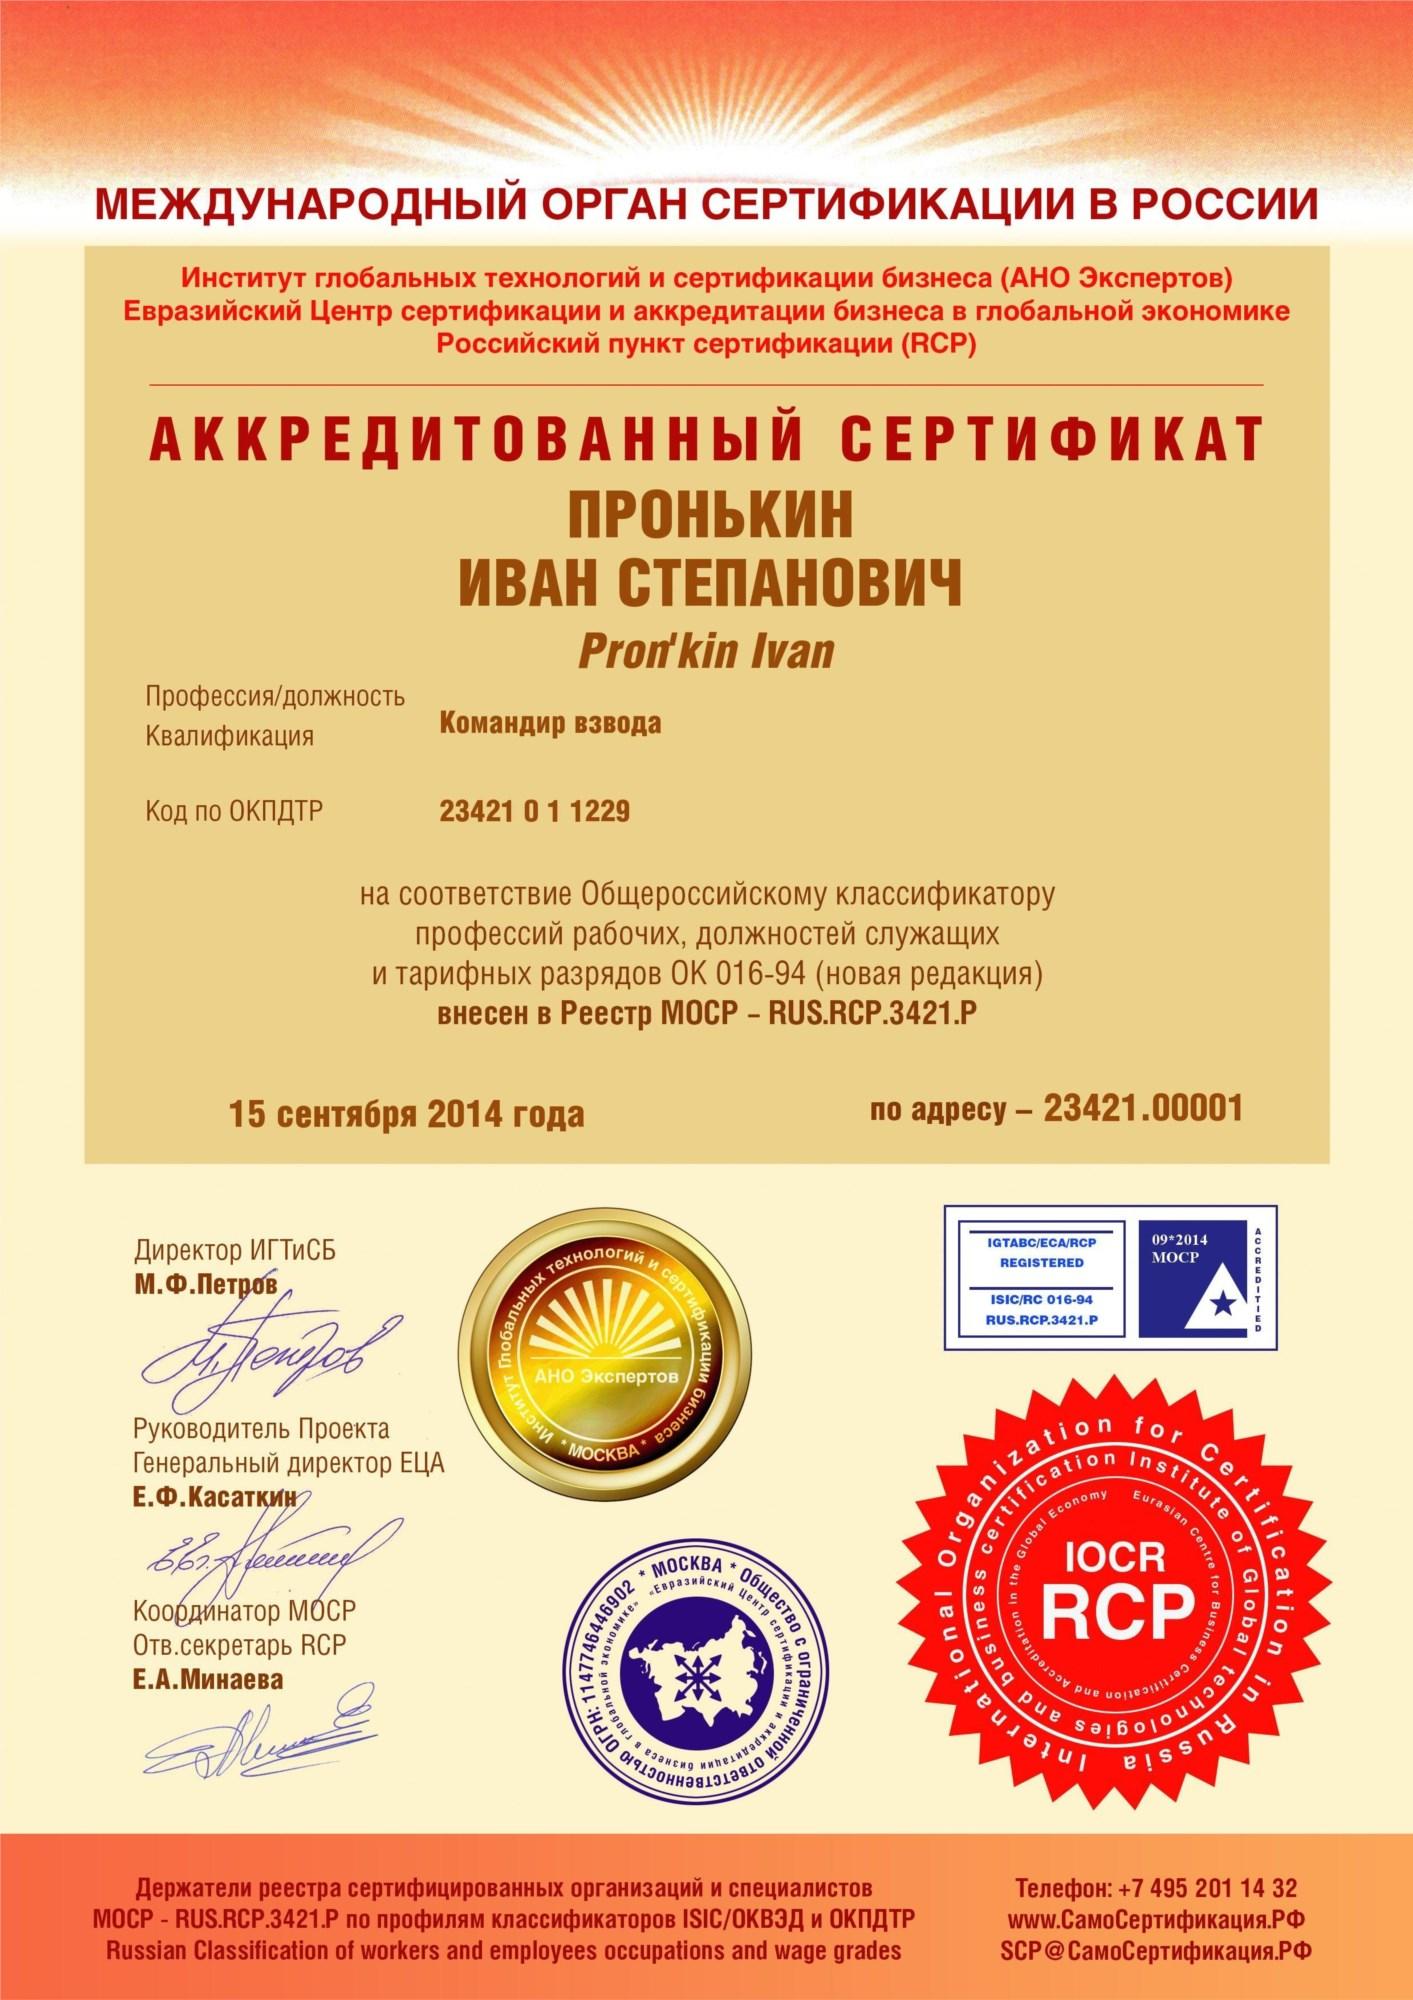 Аккредитованный сертификат Командир взвода